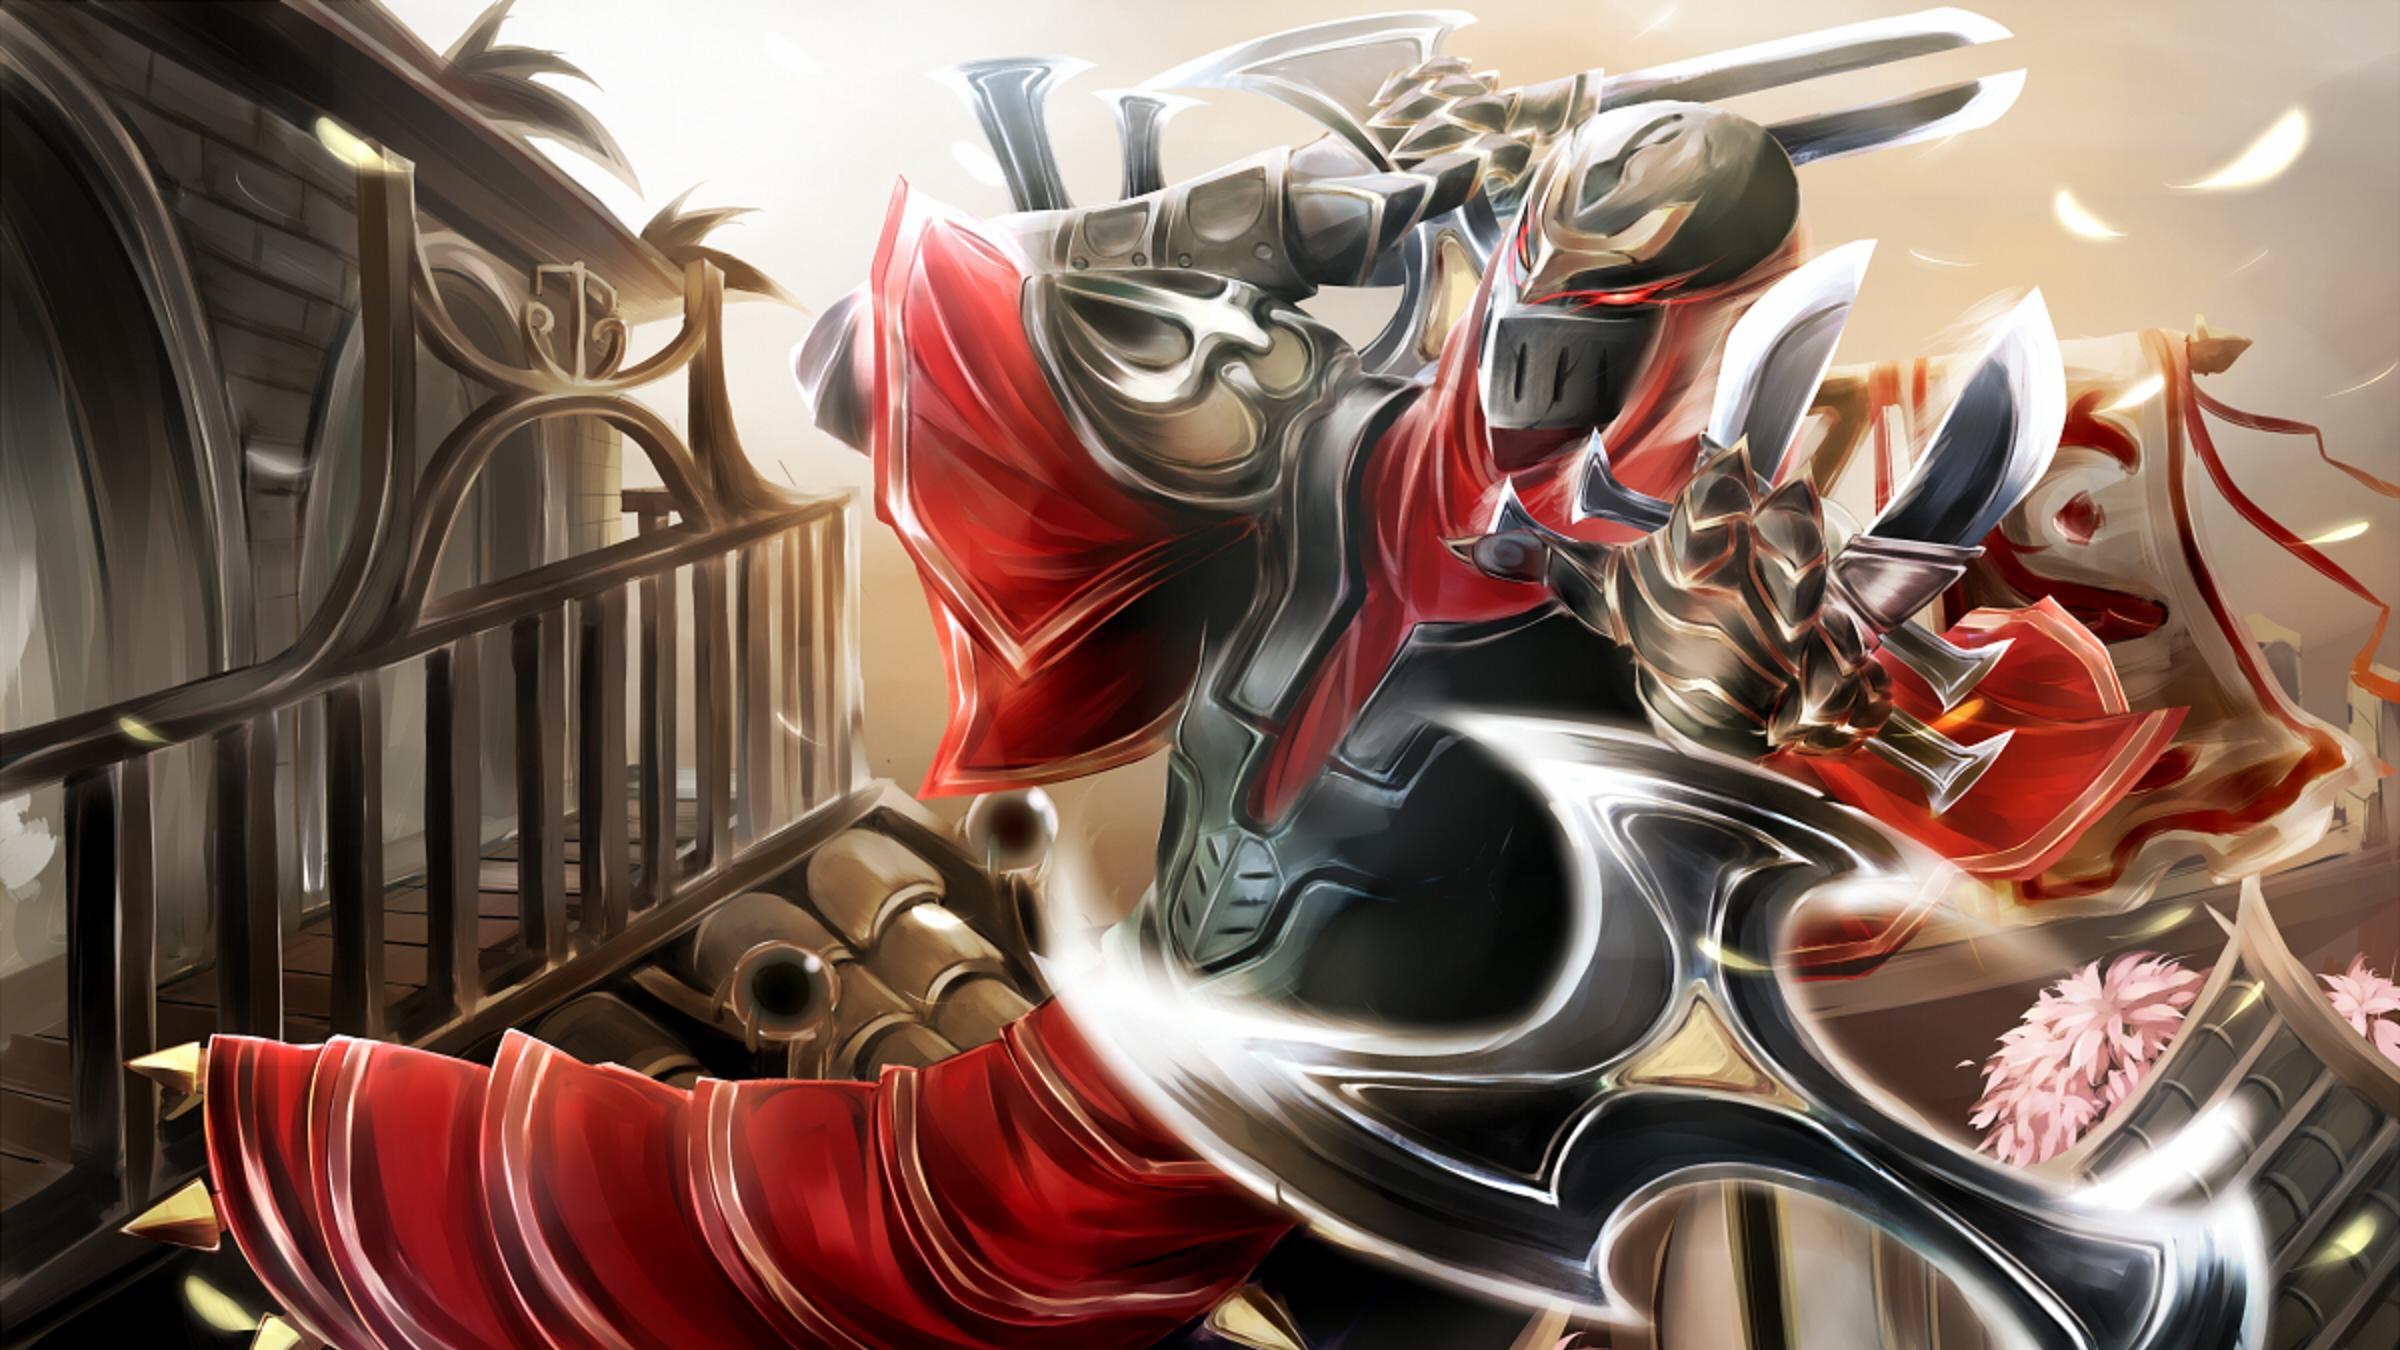 Zed Fan Art - League of Legends Wallpapers